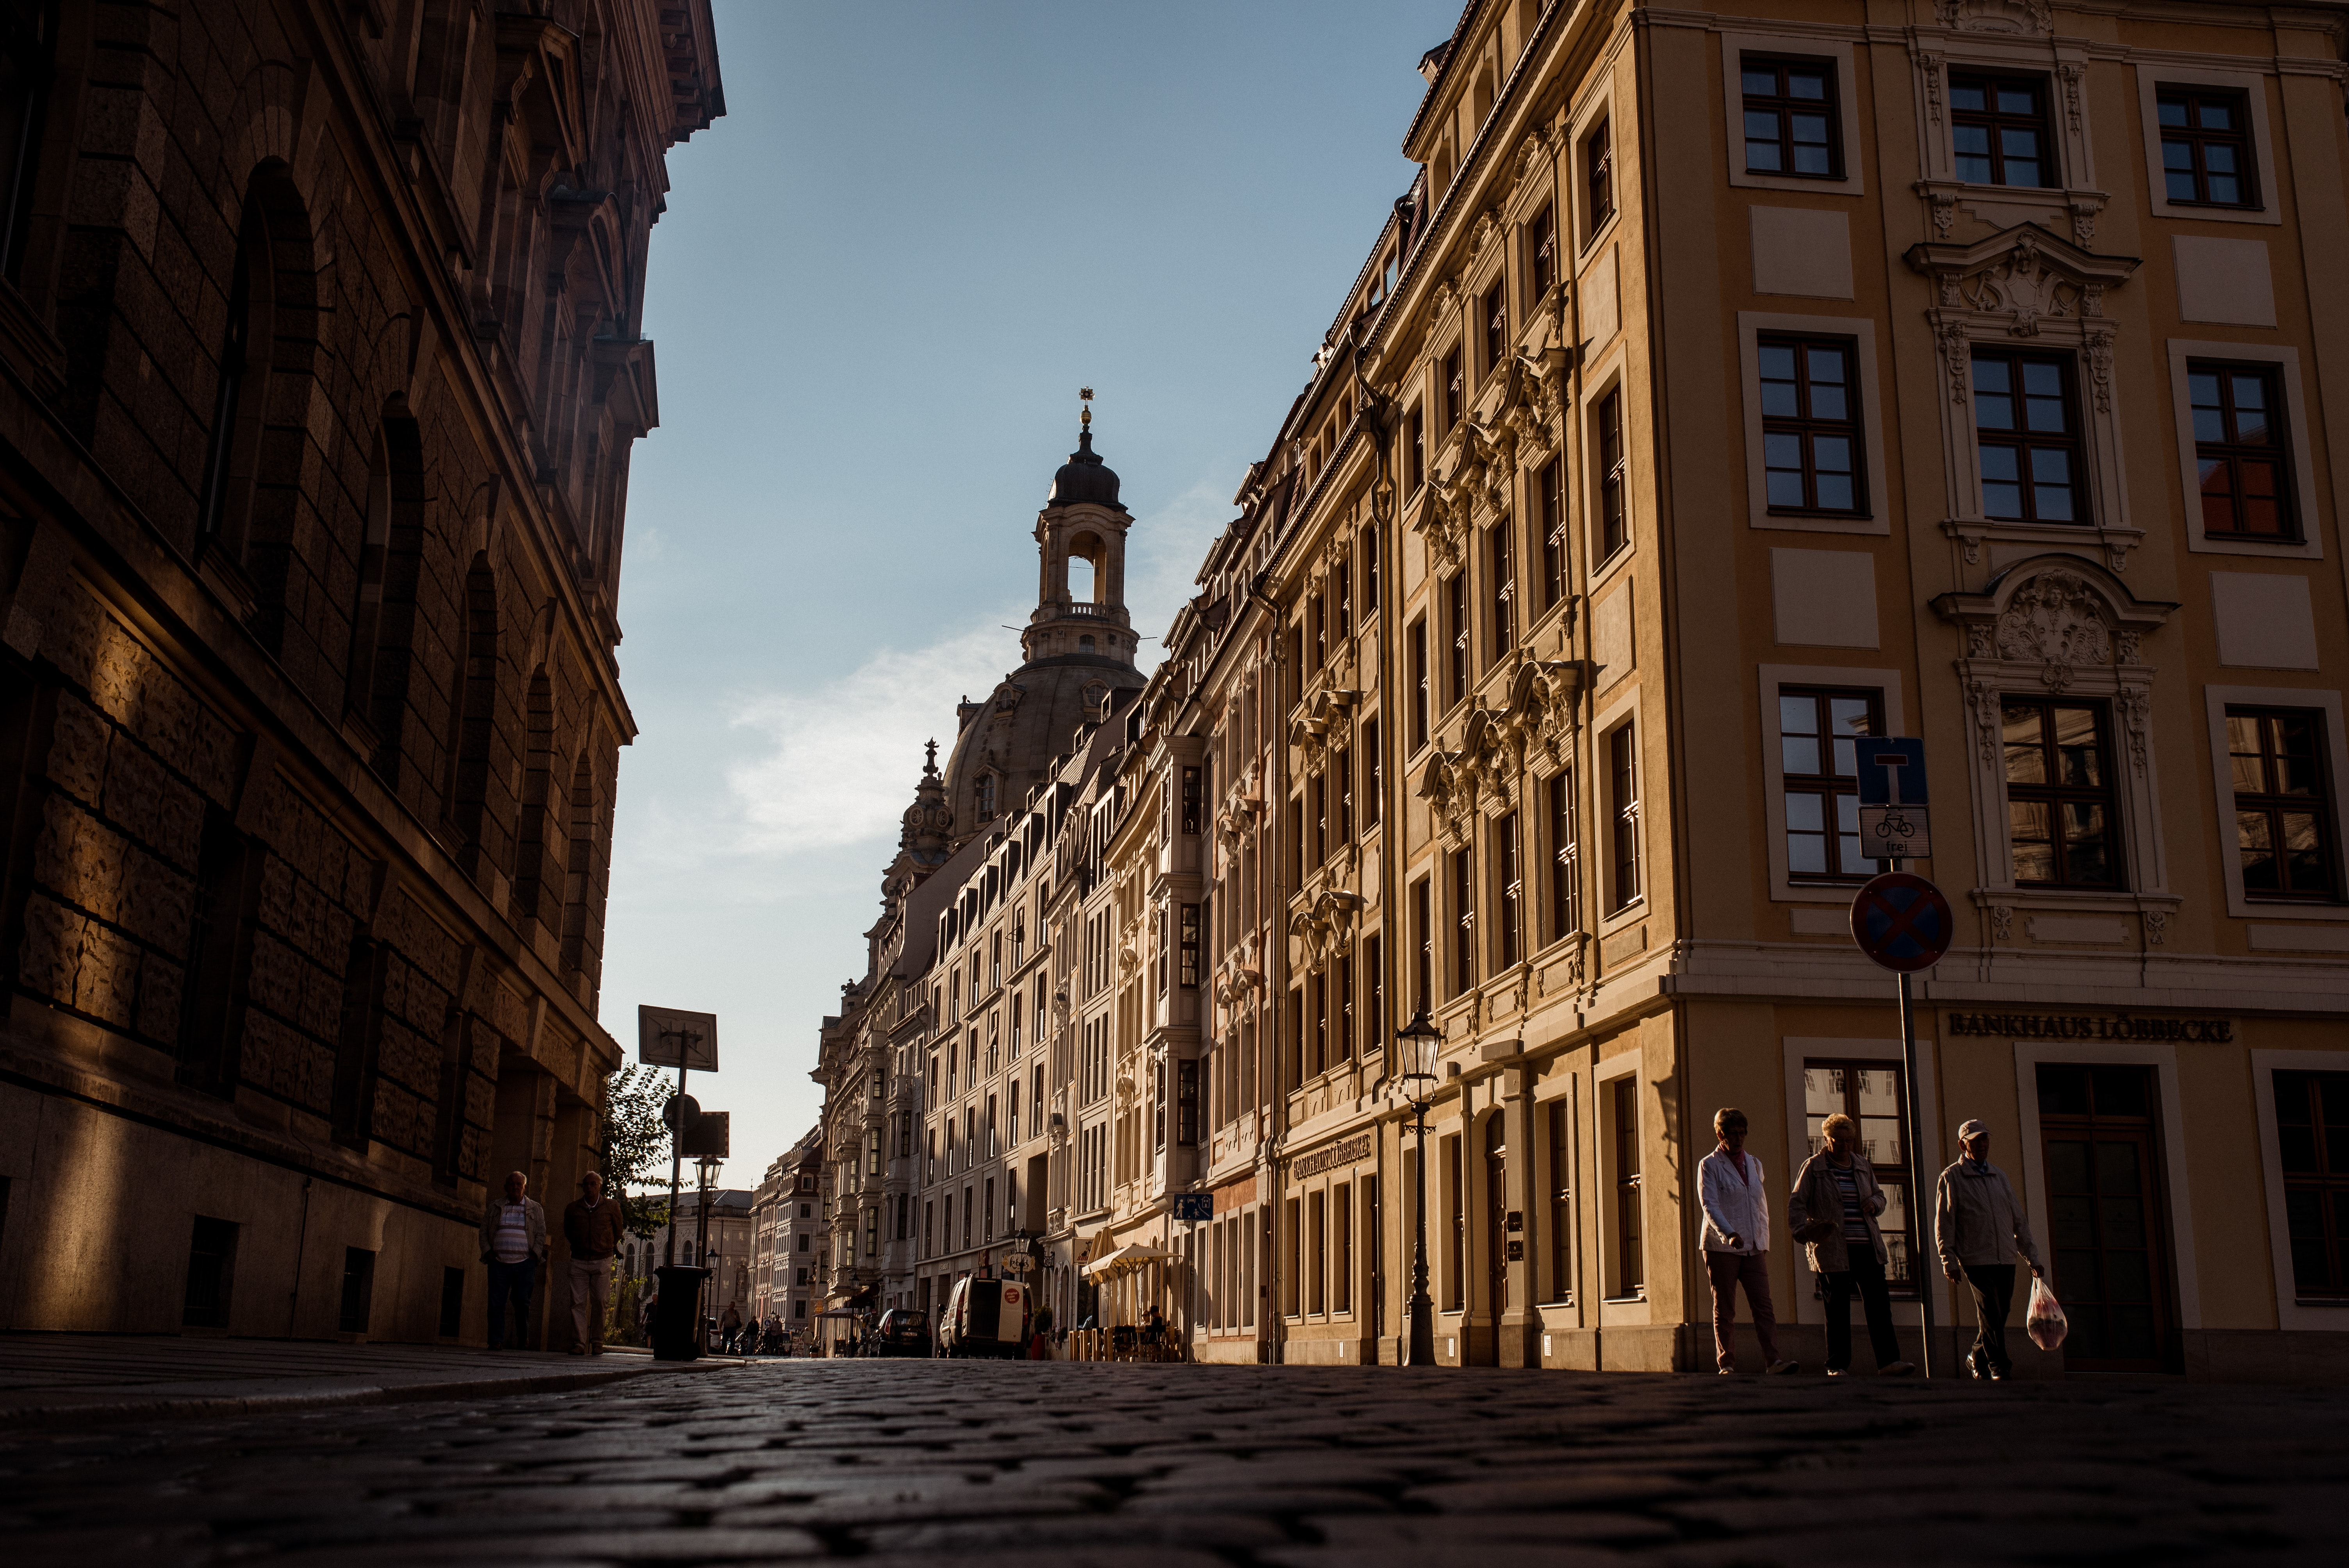 Immobilien Ankaufsprofil Dresden: Unsere Immobilieninvestoren kaufen an